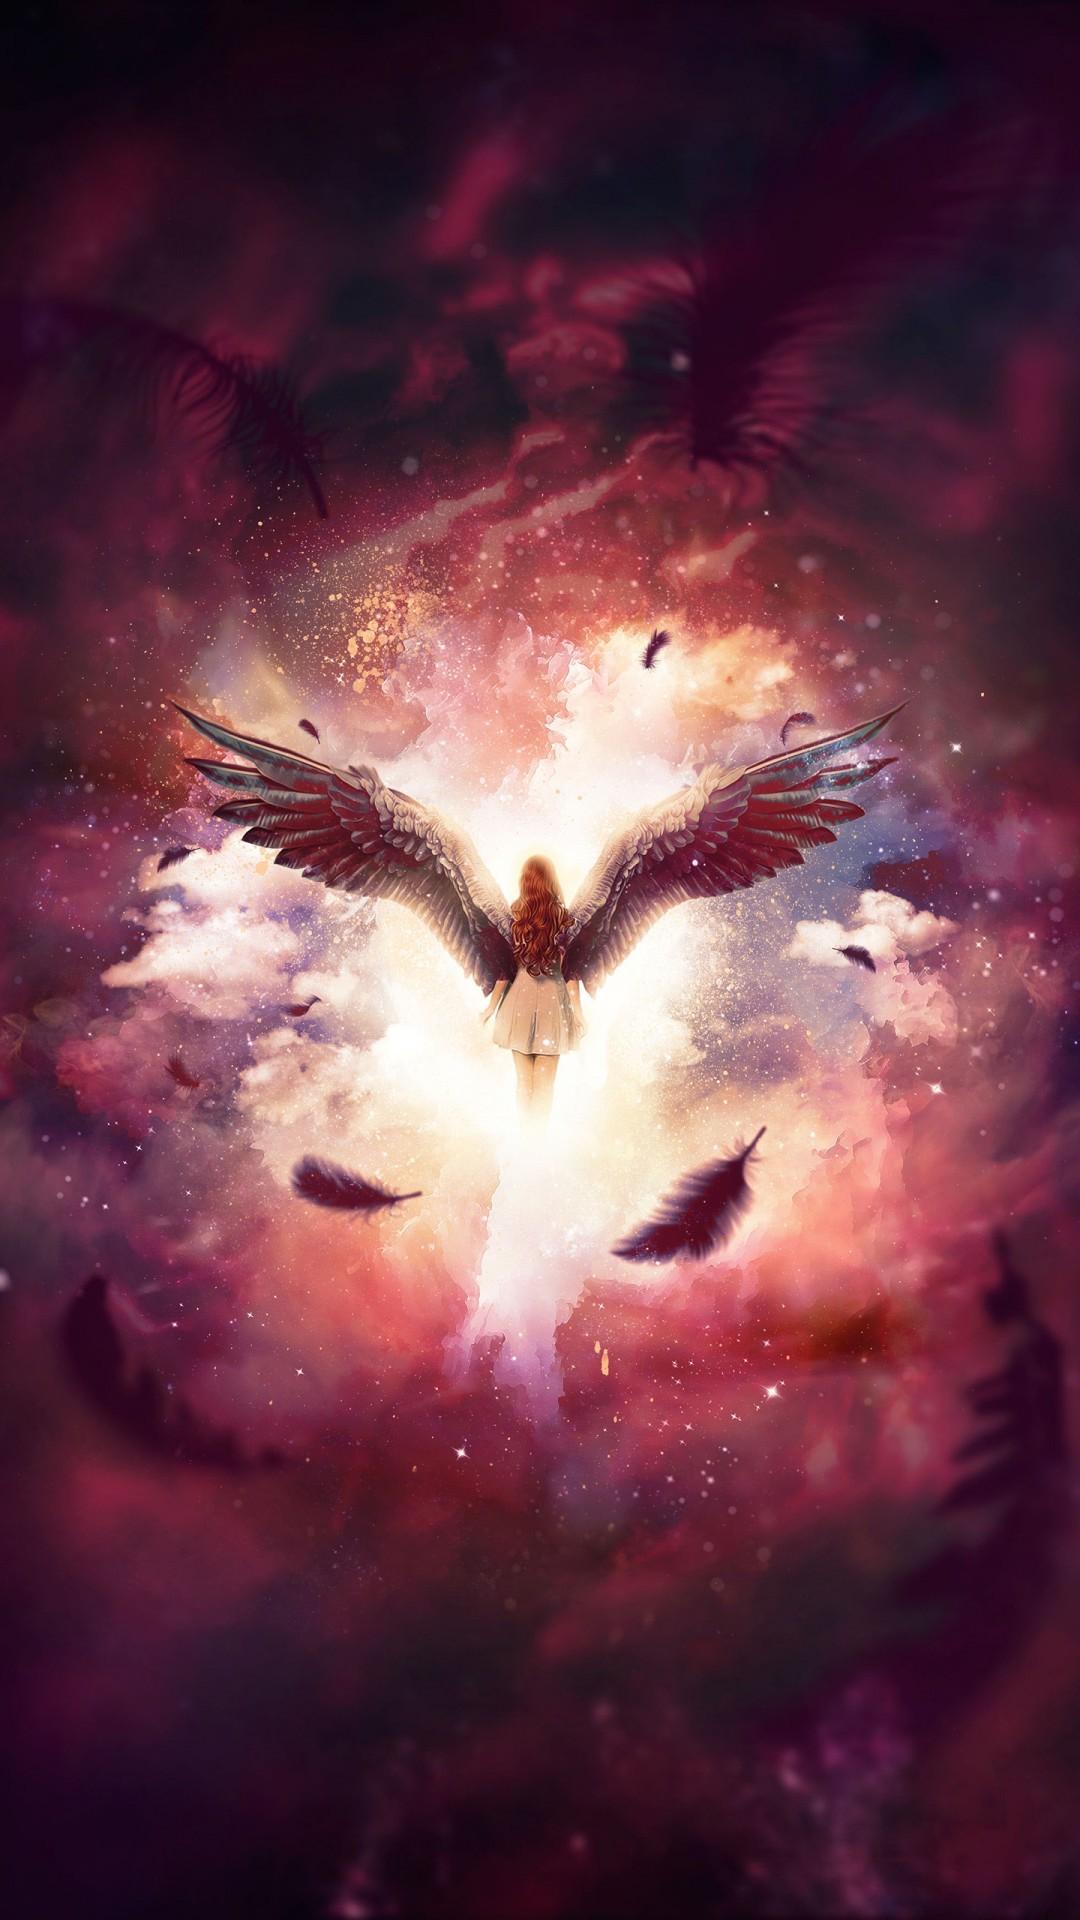 Free Angel Wings phone wallpaper by alasker